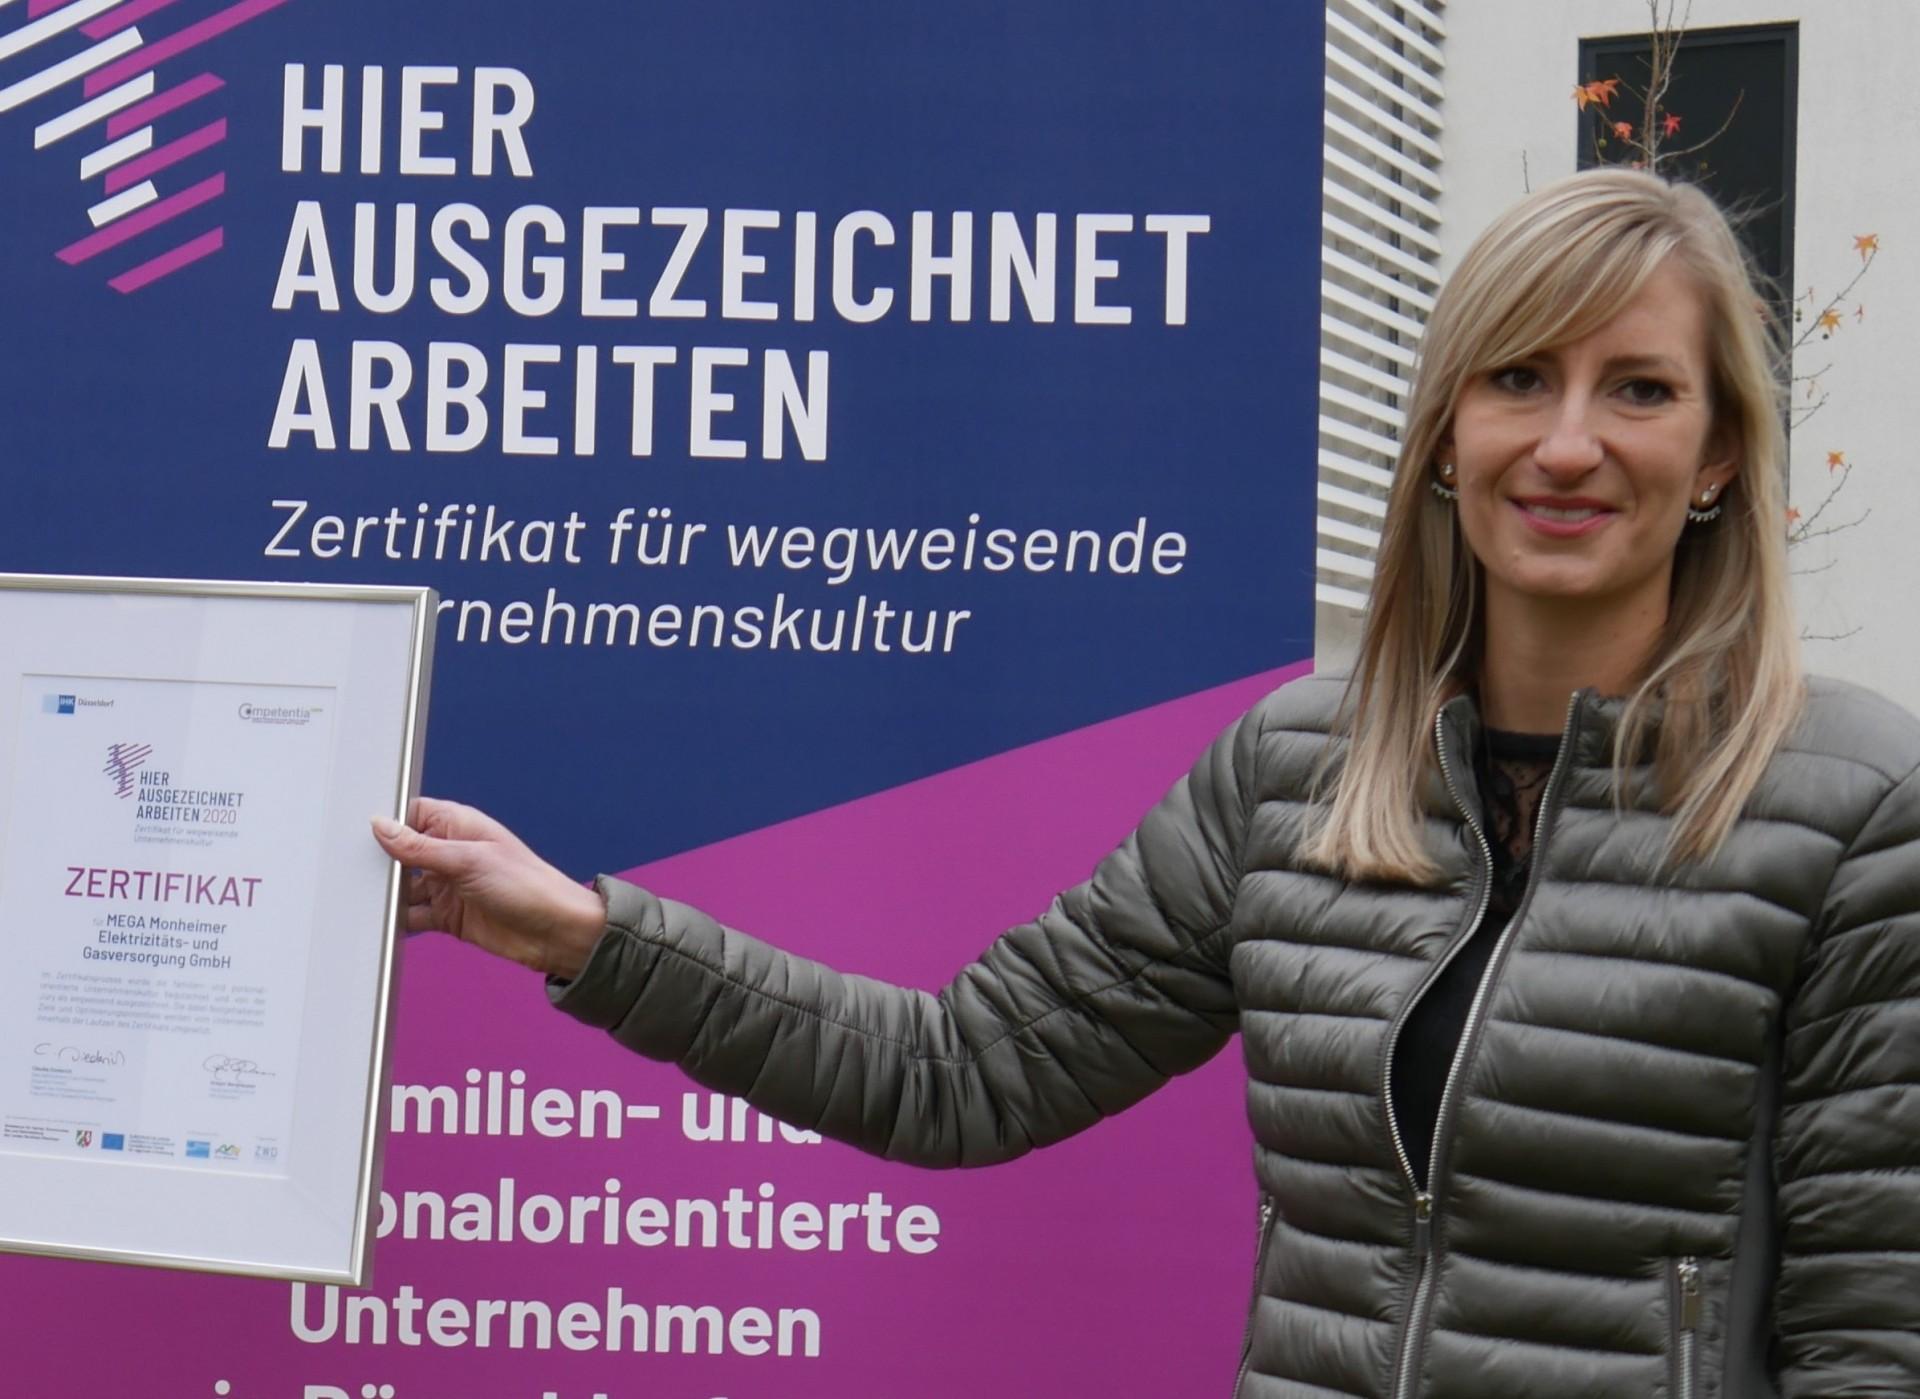 Arbeit und Familie, MEGA Monheim, Nora Poell zeigt auf das neue Zertifikat